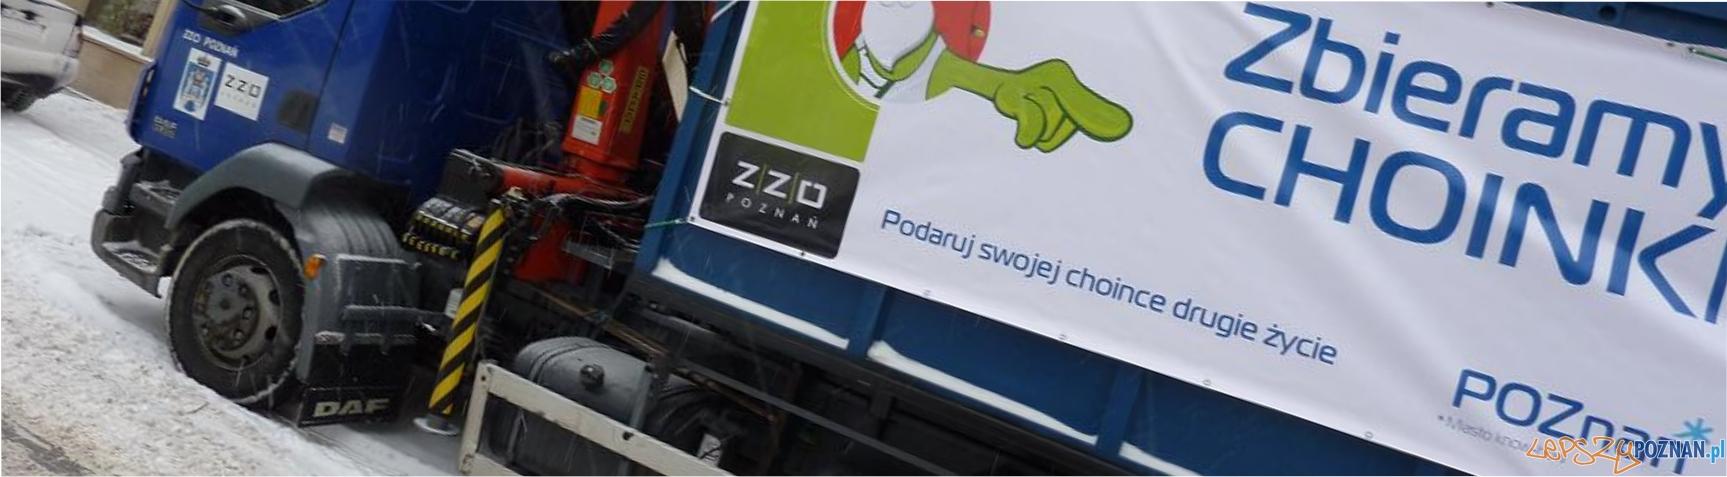 panorama choinki  Foto: ZZO Poznań